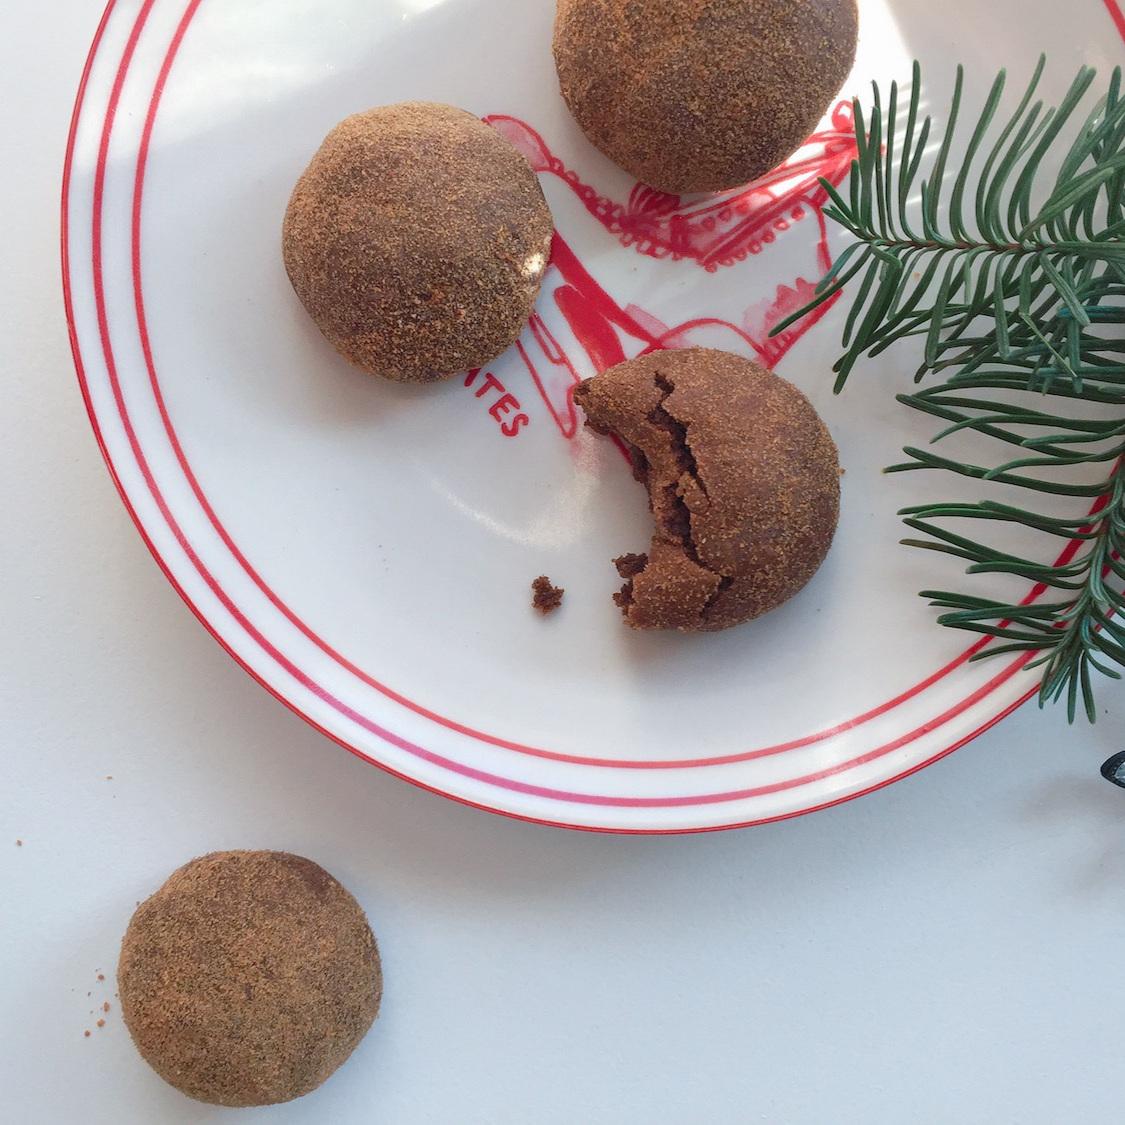 Holiday Pfeffernusse Cookies